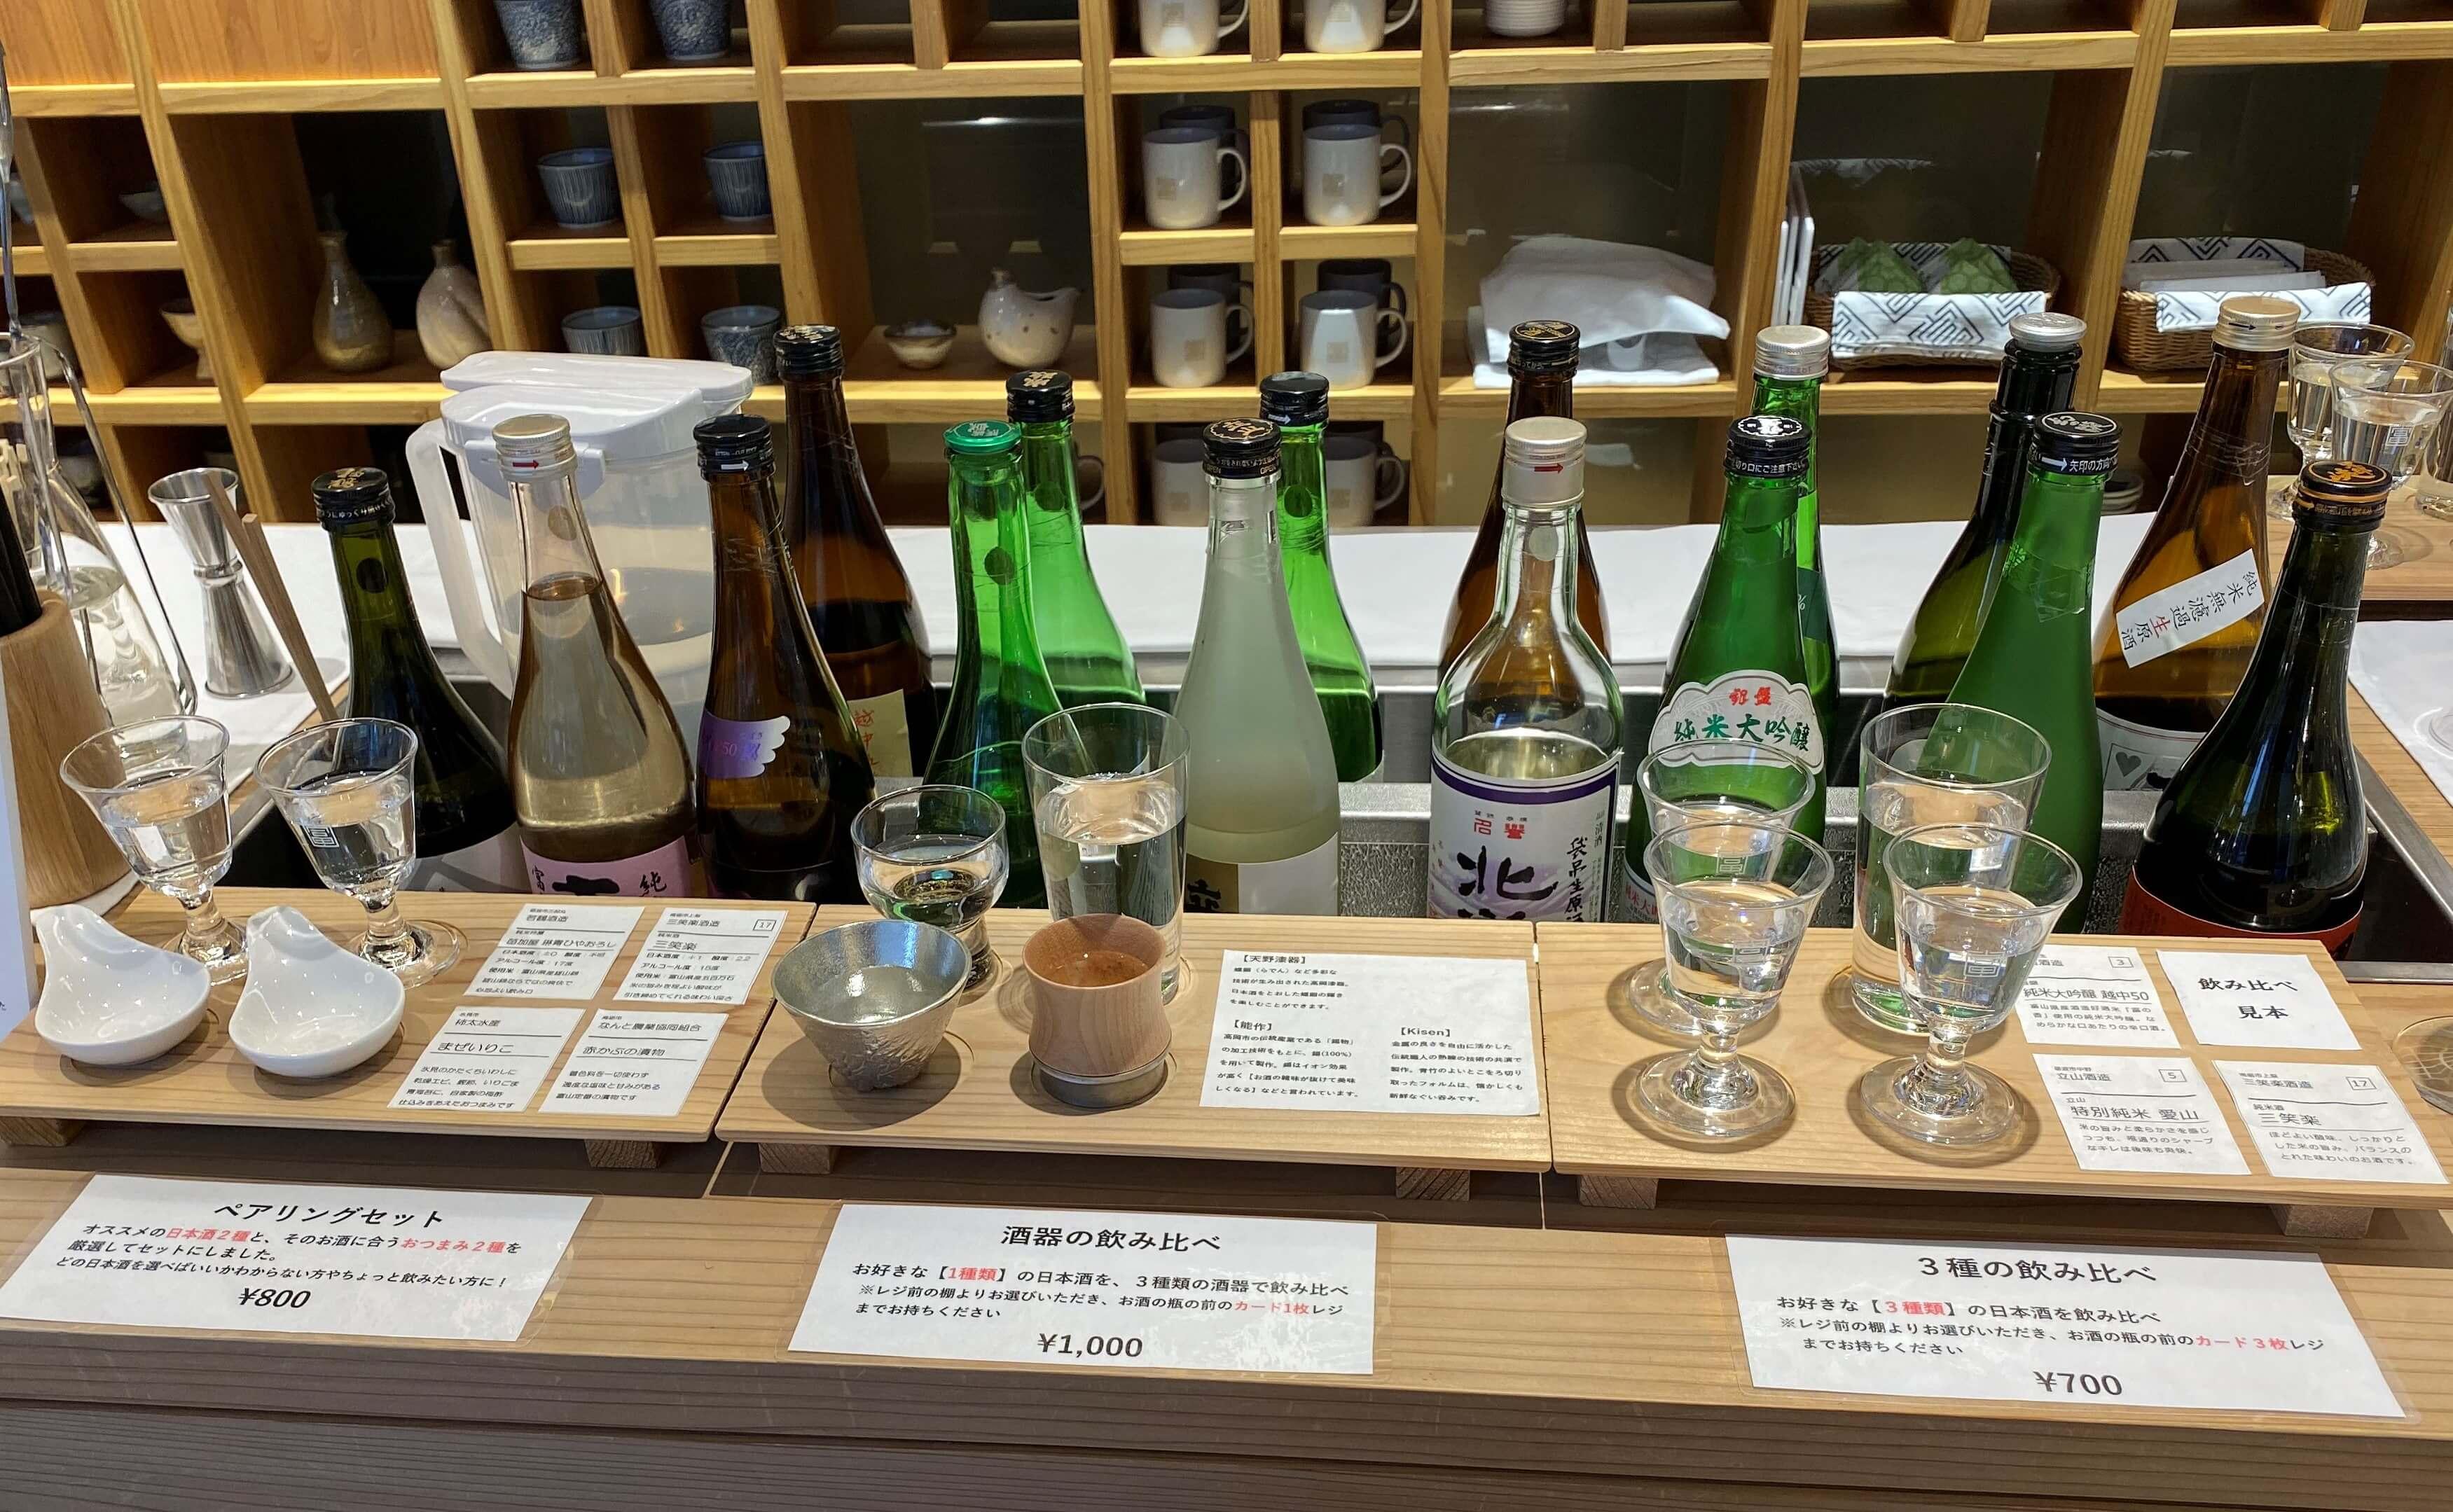 日本橋とやま館日本酒飲み比べ